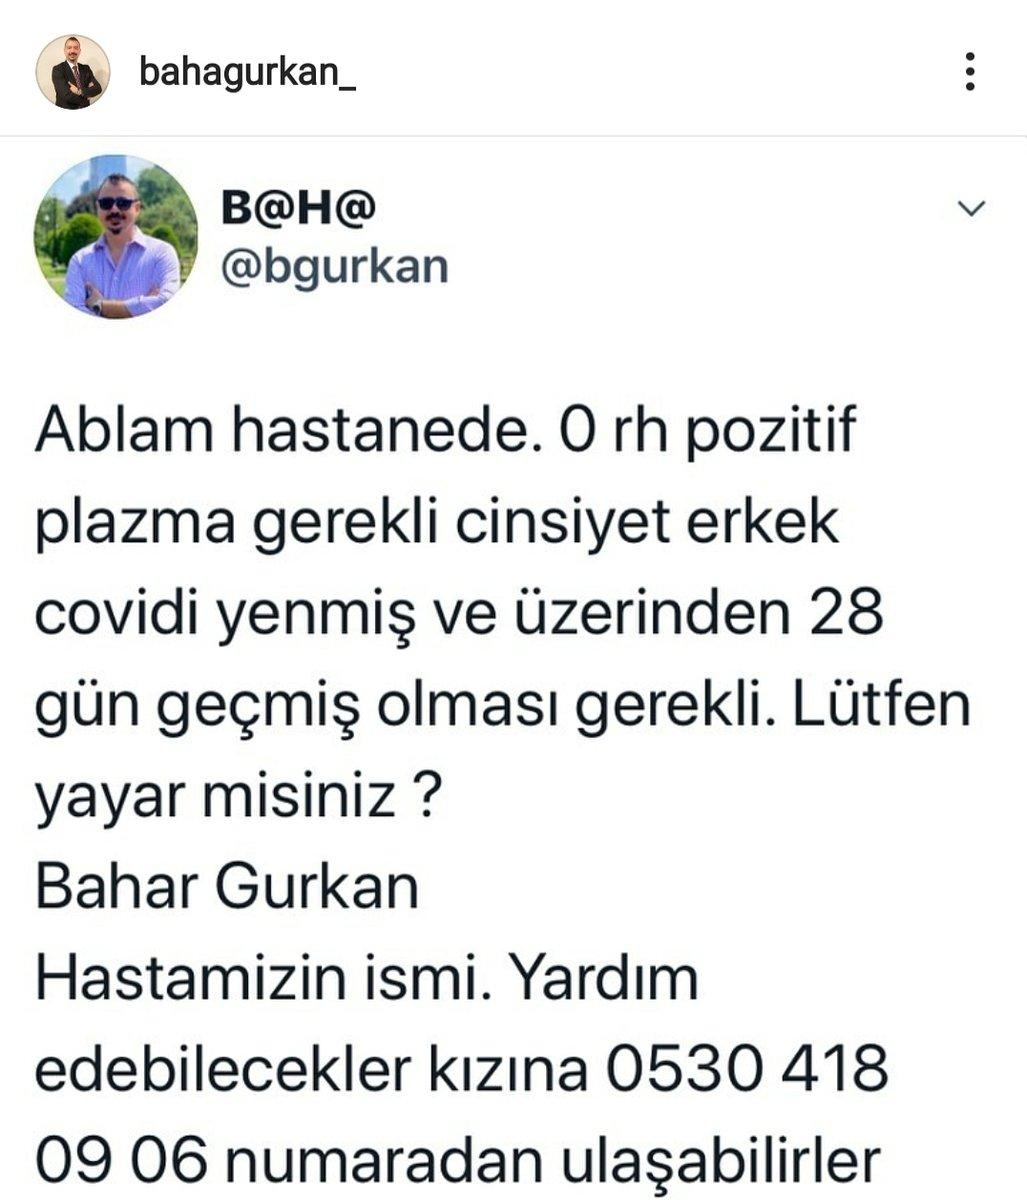 Ankara Bayındır hastanesinde canım Bahar için gerekli. Lutfen yardımcı olabilir misiniz? @fusunckgl @demirdenizchp @Deniz_Zeyrek @fatihportakal https://t.co/IUmWIh3uEy